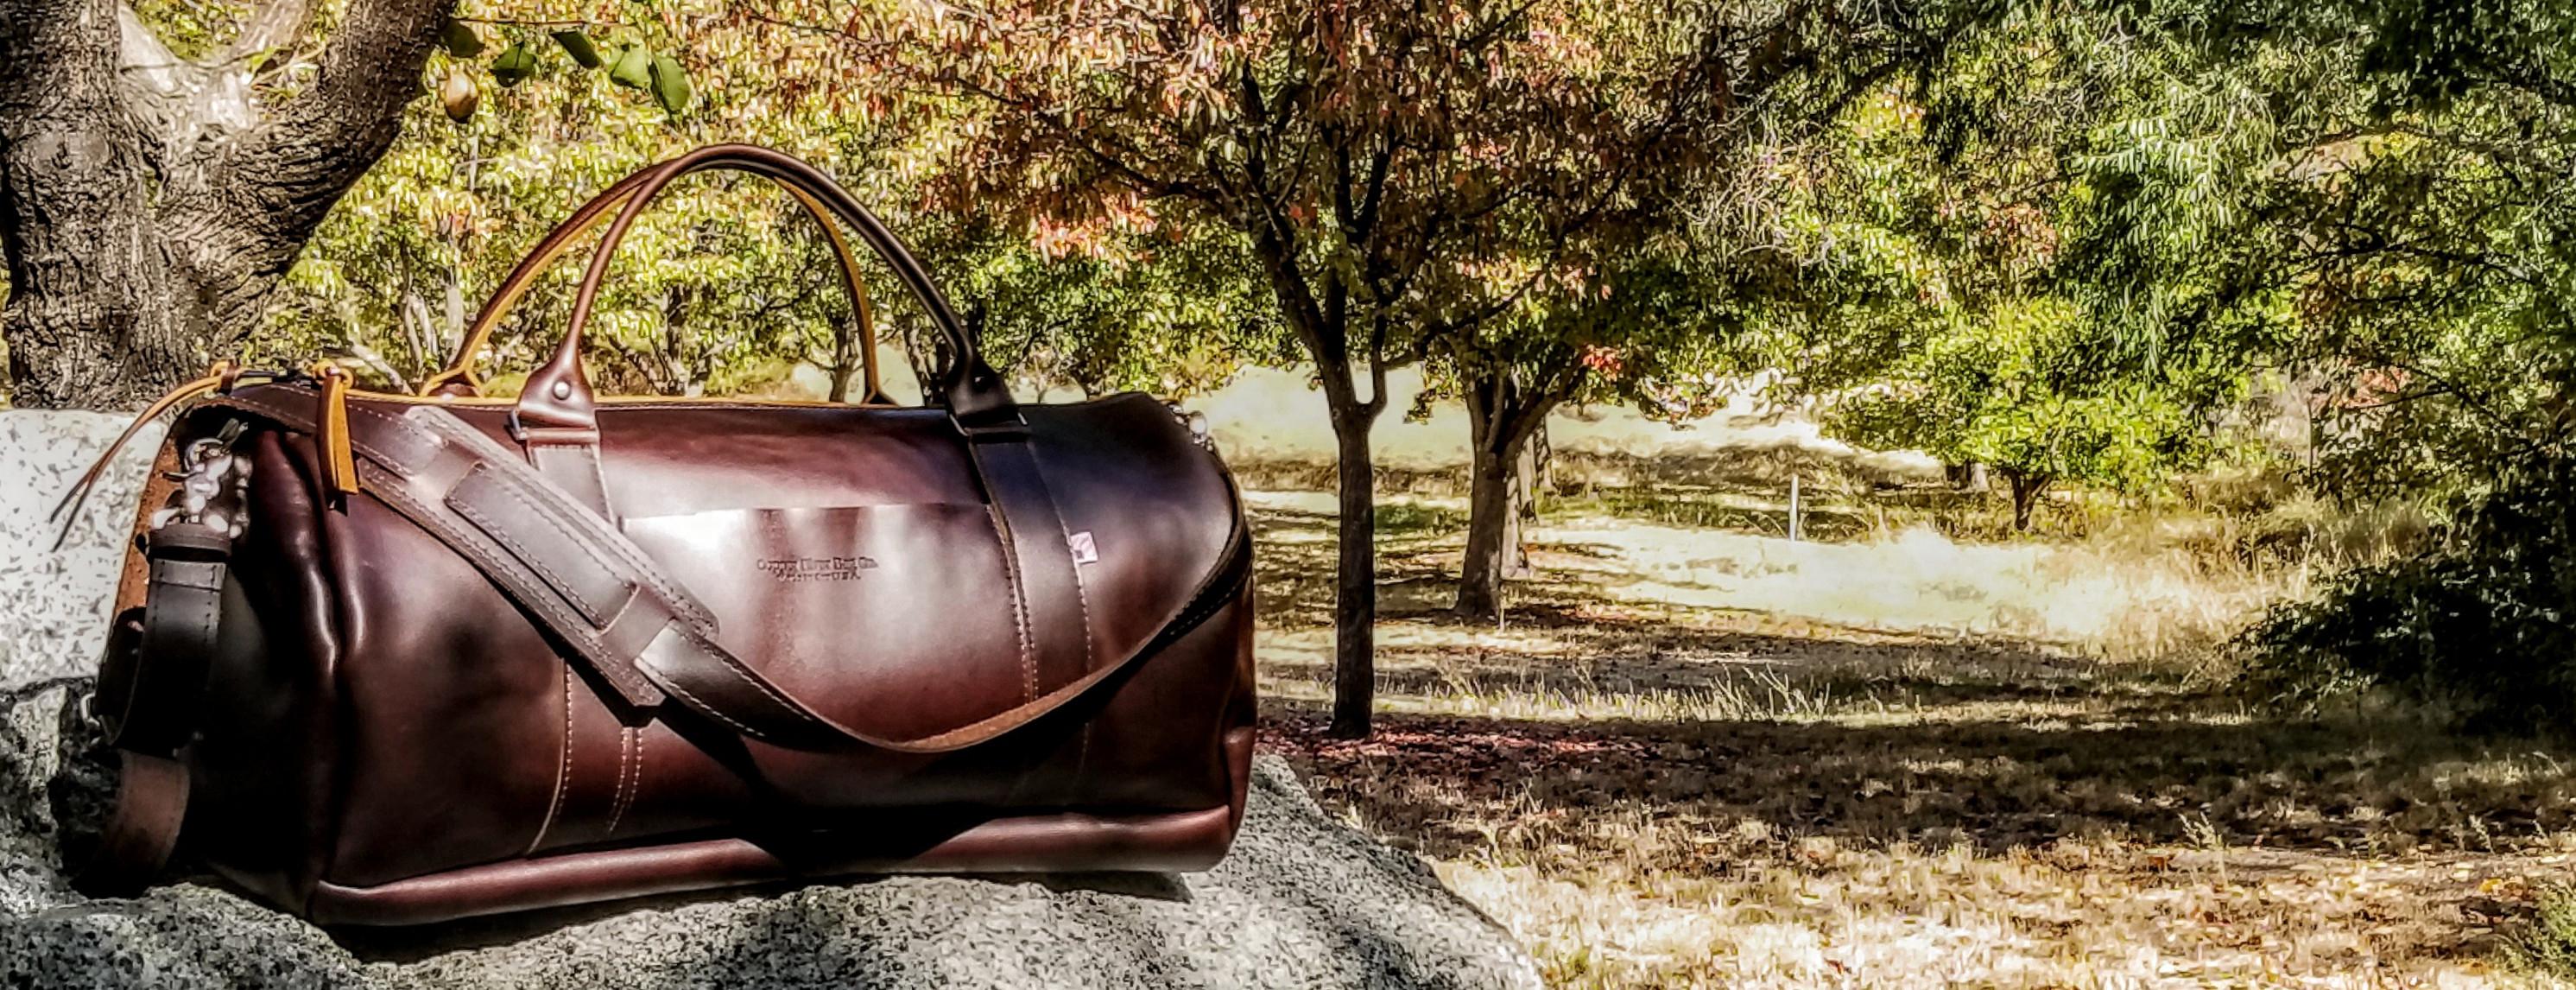 duffel-coffe-copper-river-bag-co-duffel-on-a-rock.jpg